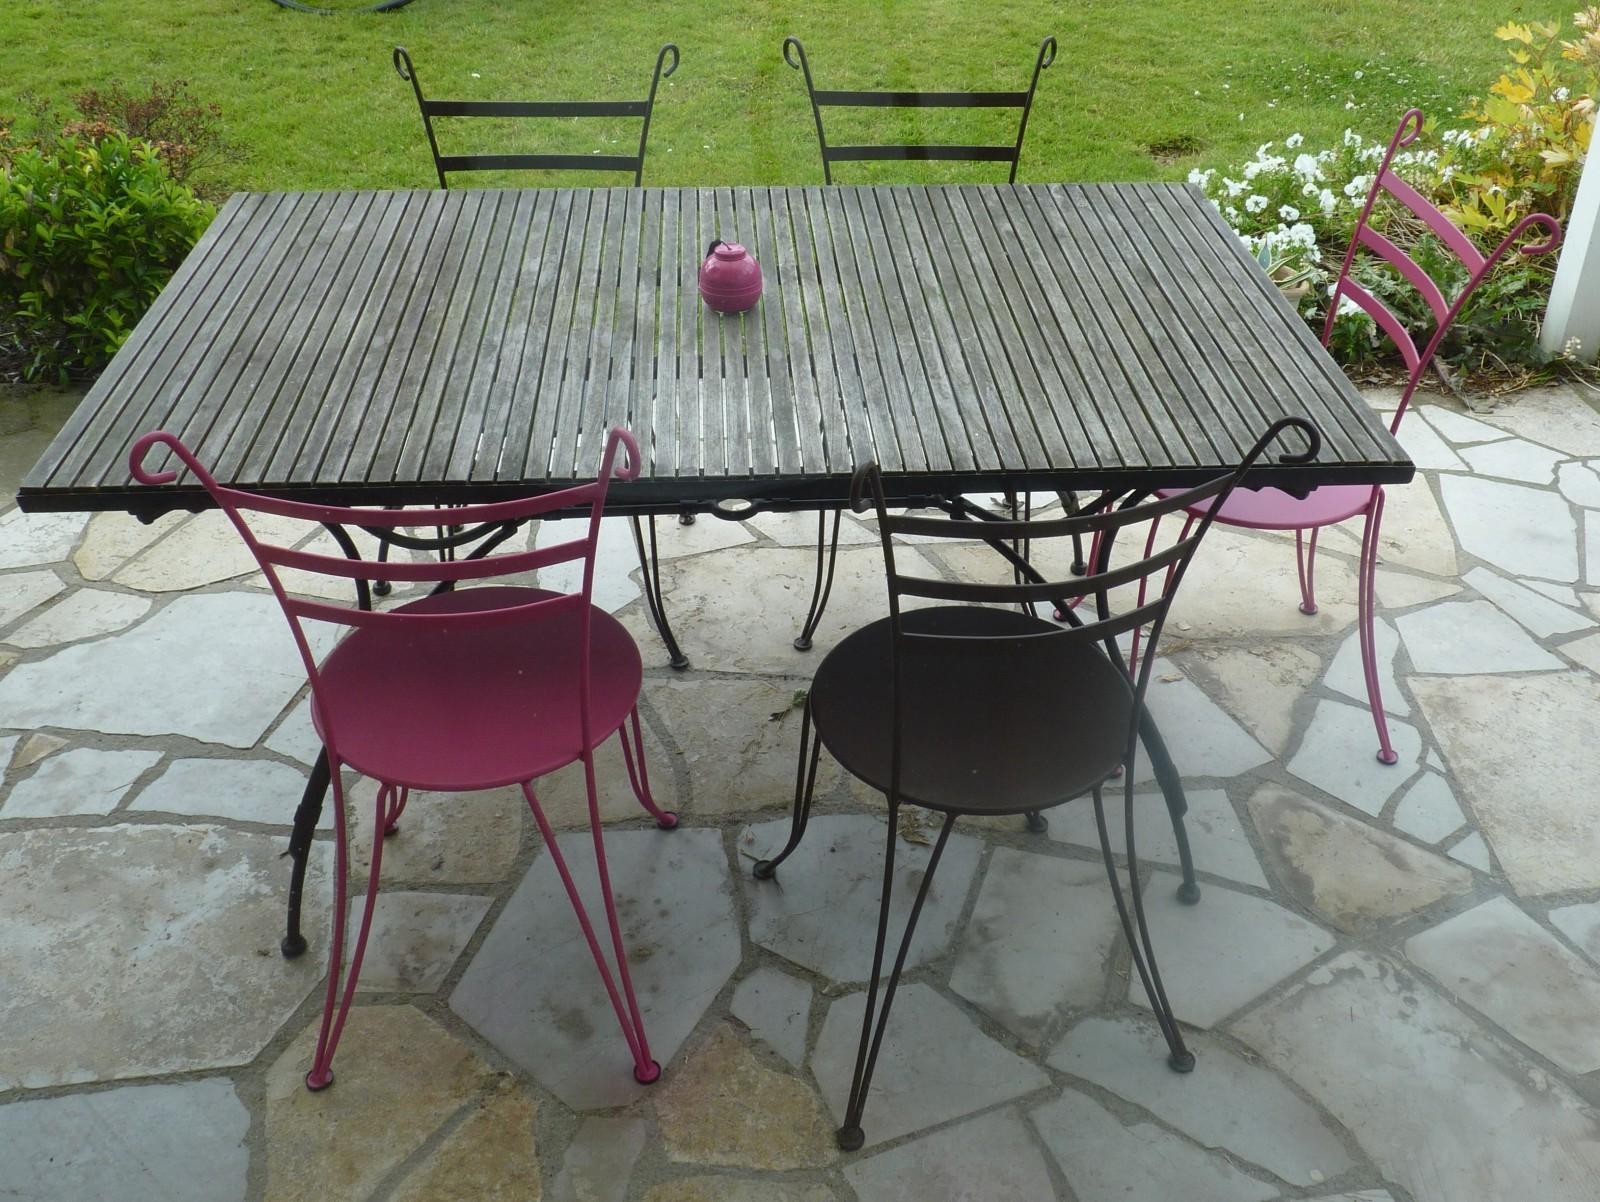 chaise de jardin fermob soldes chaise id es de. Black Bedroom Furniture Sets. Home Design Ideas